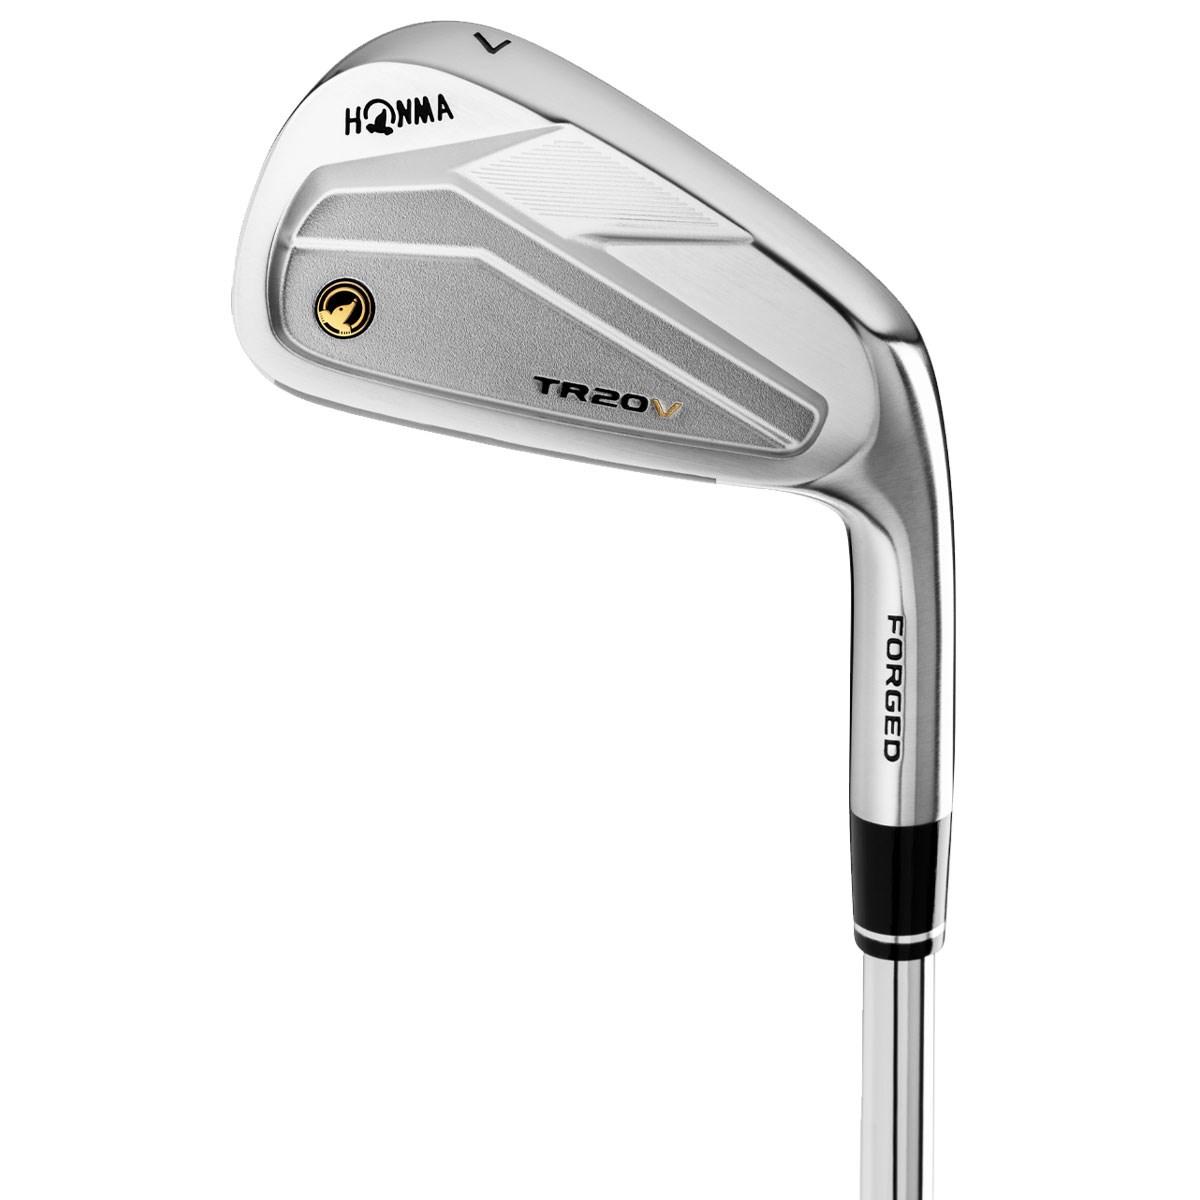 本間ゴルフ(HONMA GOLF) ツアーワールド TR20 V アイアン(6本セット) N.S.PRO 950GH neo